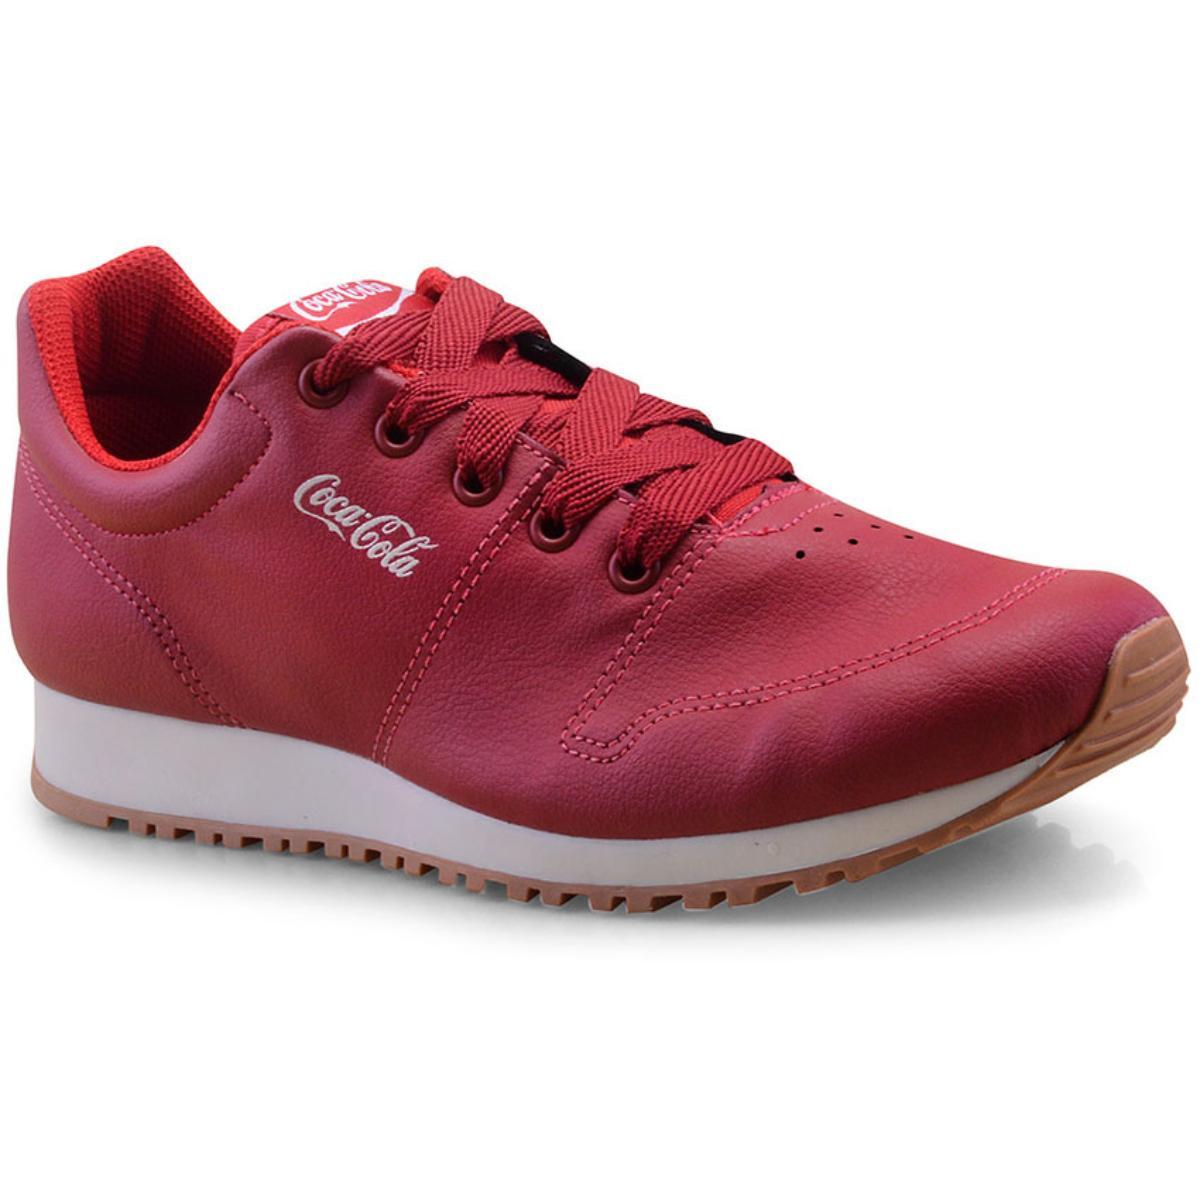 Tênis Masculino Coca-cola Shoes Cc1461 Vermelho